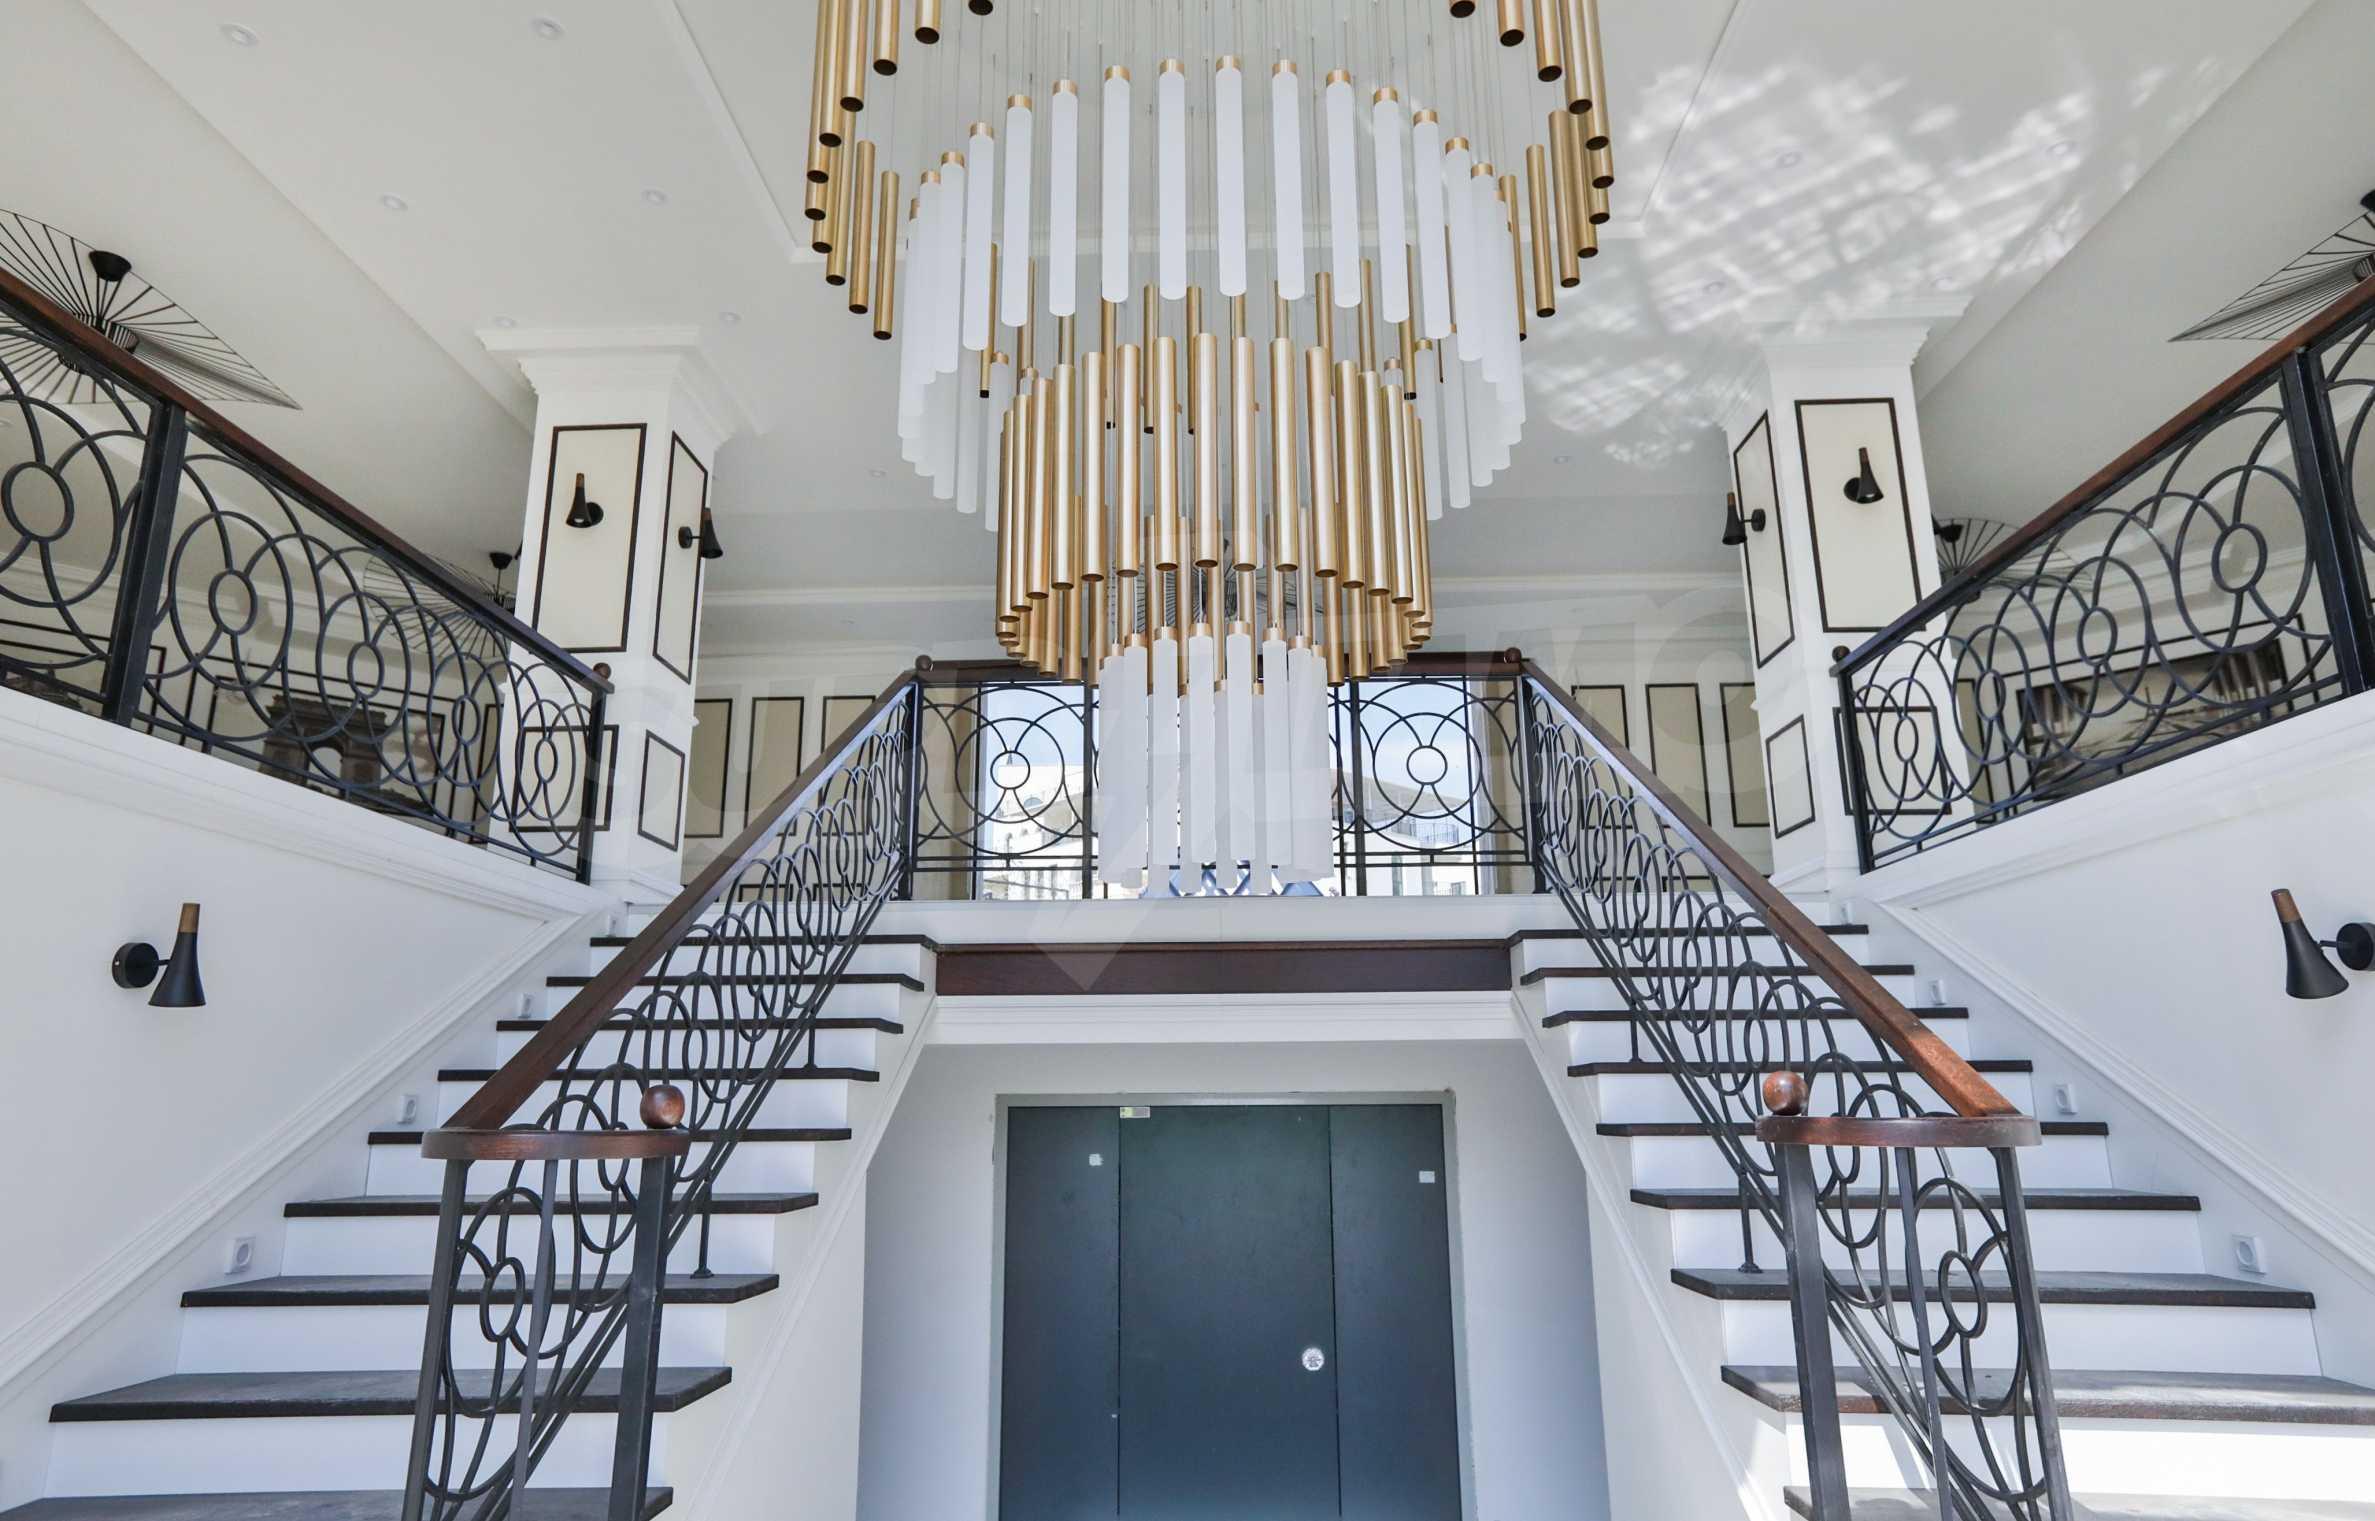 Erstklassige Apartments  zum TOP-Preis ab 890 €/m² im Komplex im Stil der französischen Renaissance (Akt 16) 20